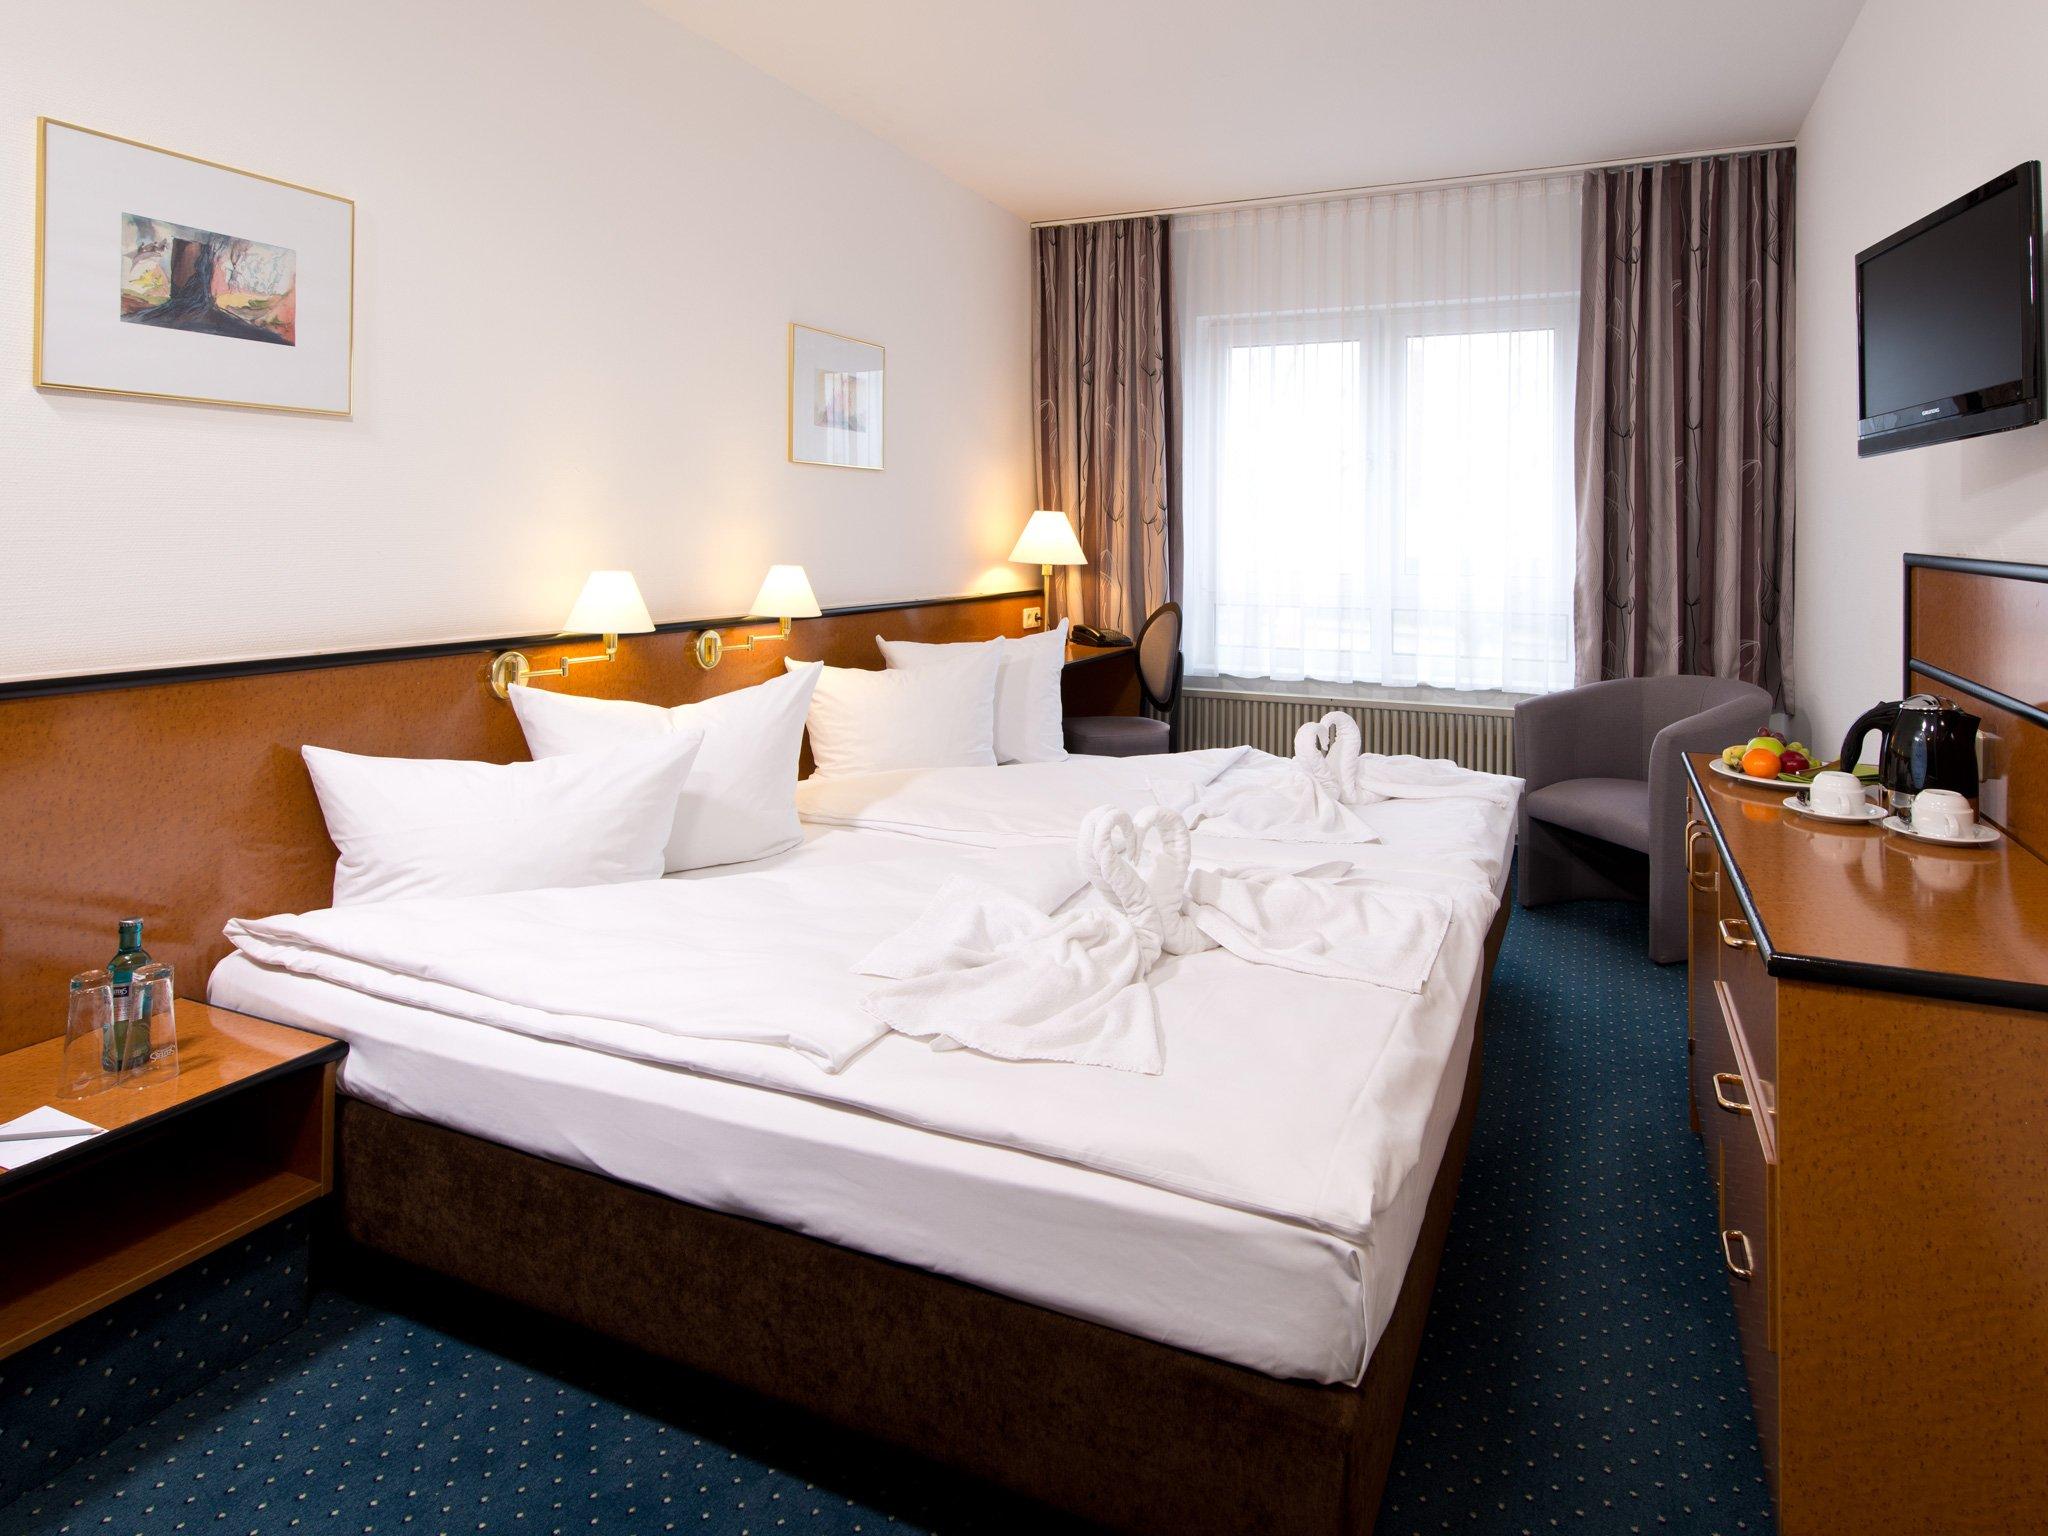 ACHAT Comfort Rüsselsheim